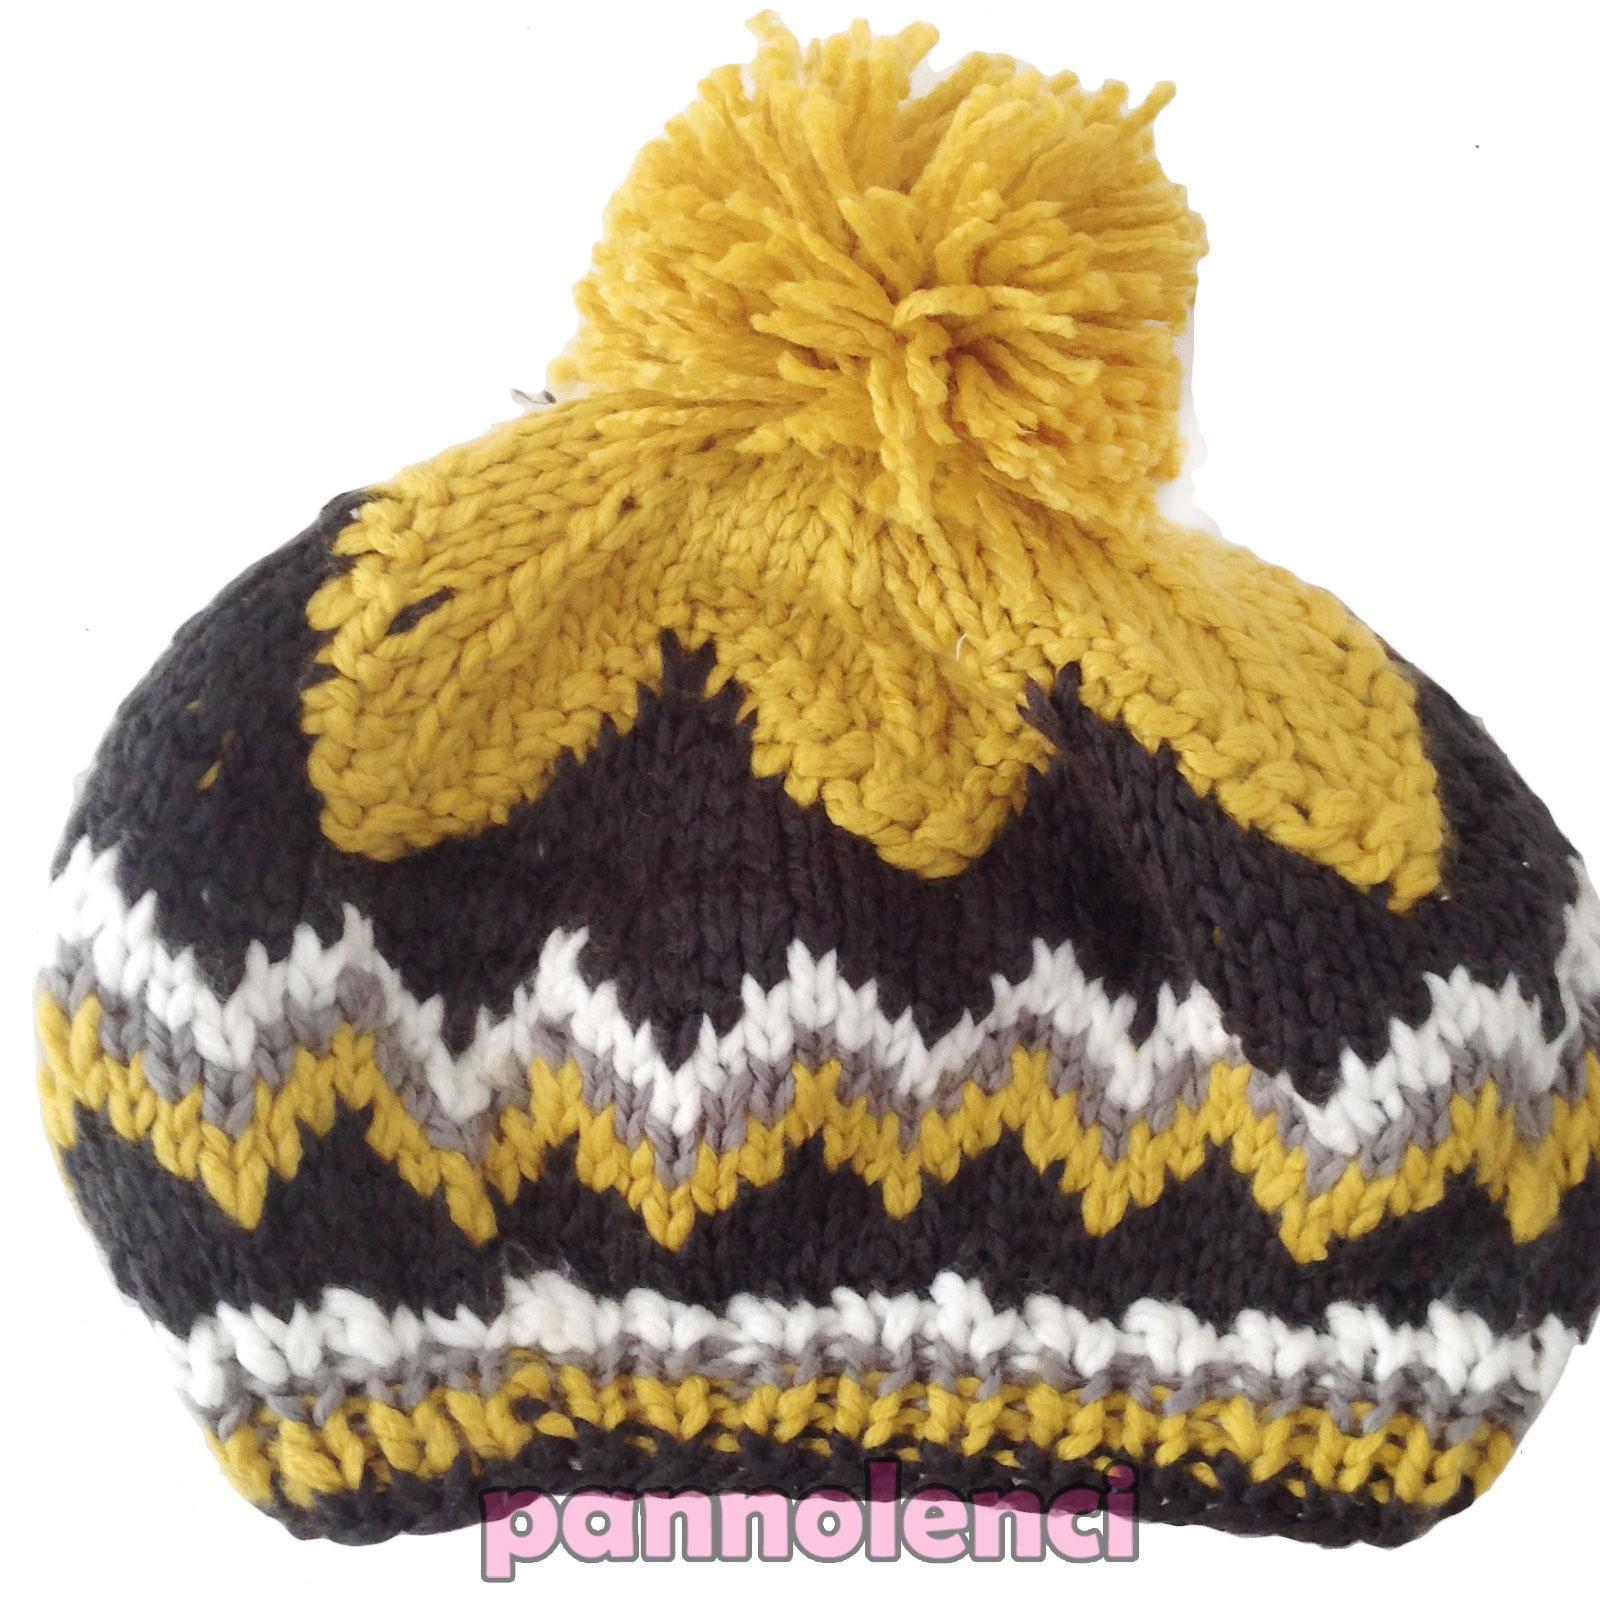 Femme-Chapeau-Tricot-Hivernal-Pompon-Casquette-Neuf-Idee-Cadeau-As-123 縮圖 6